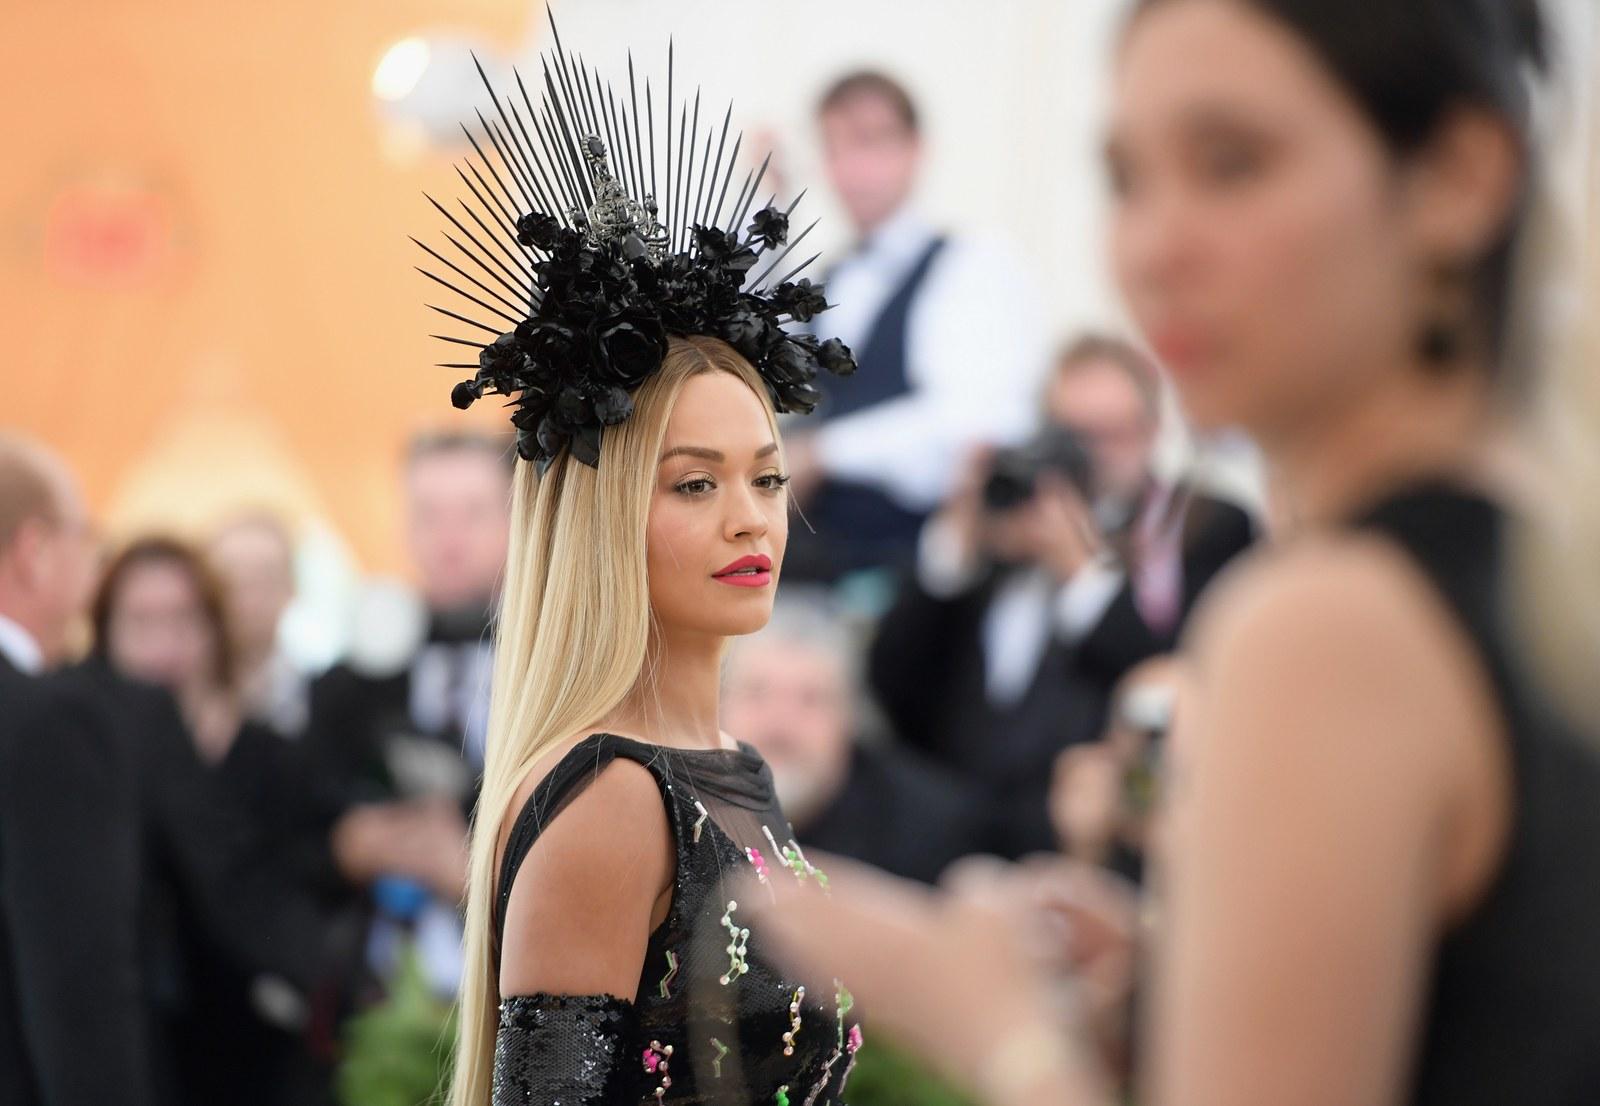 Những nữ thần hạ thế đẹp nhất thánh đường thời trang - 12